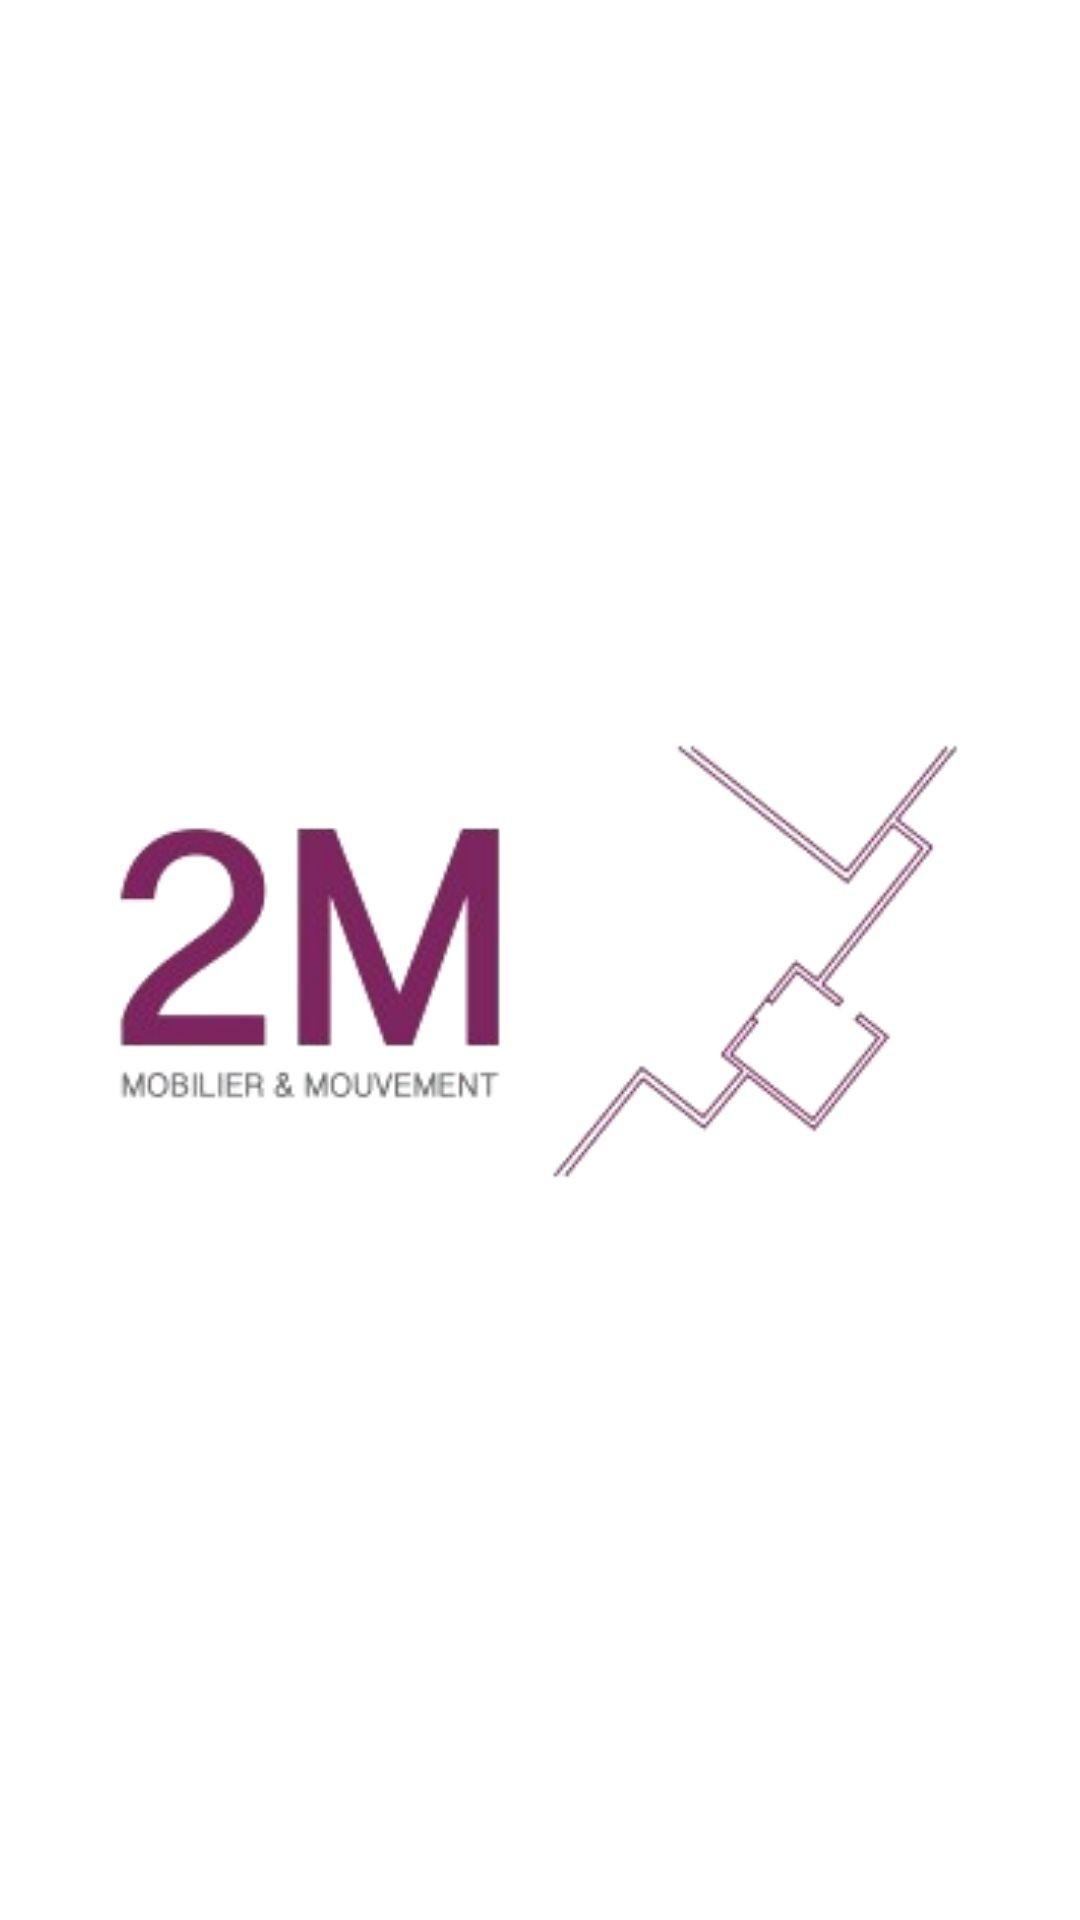 logo-2m-mobilier-mouvement